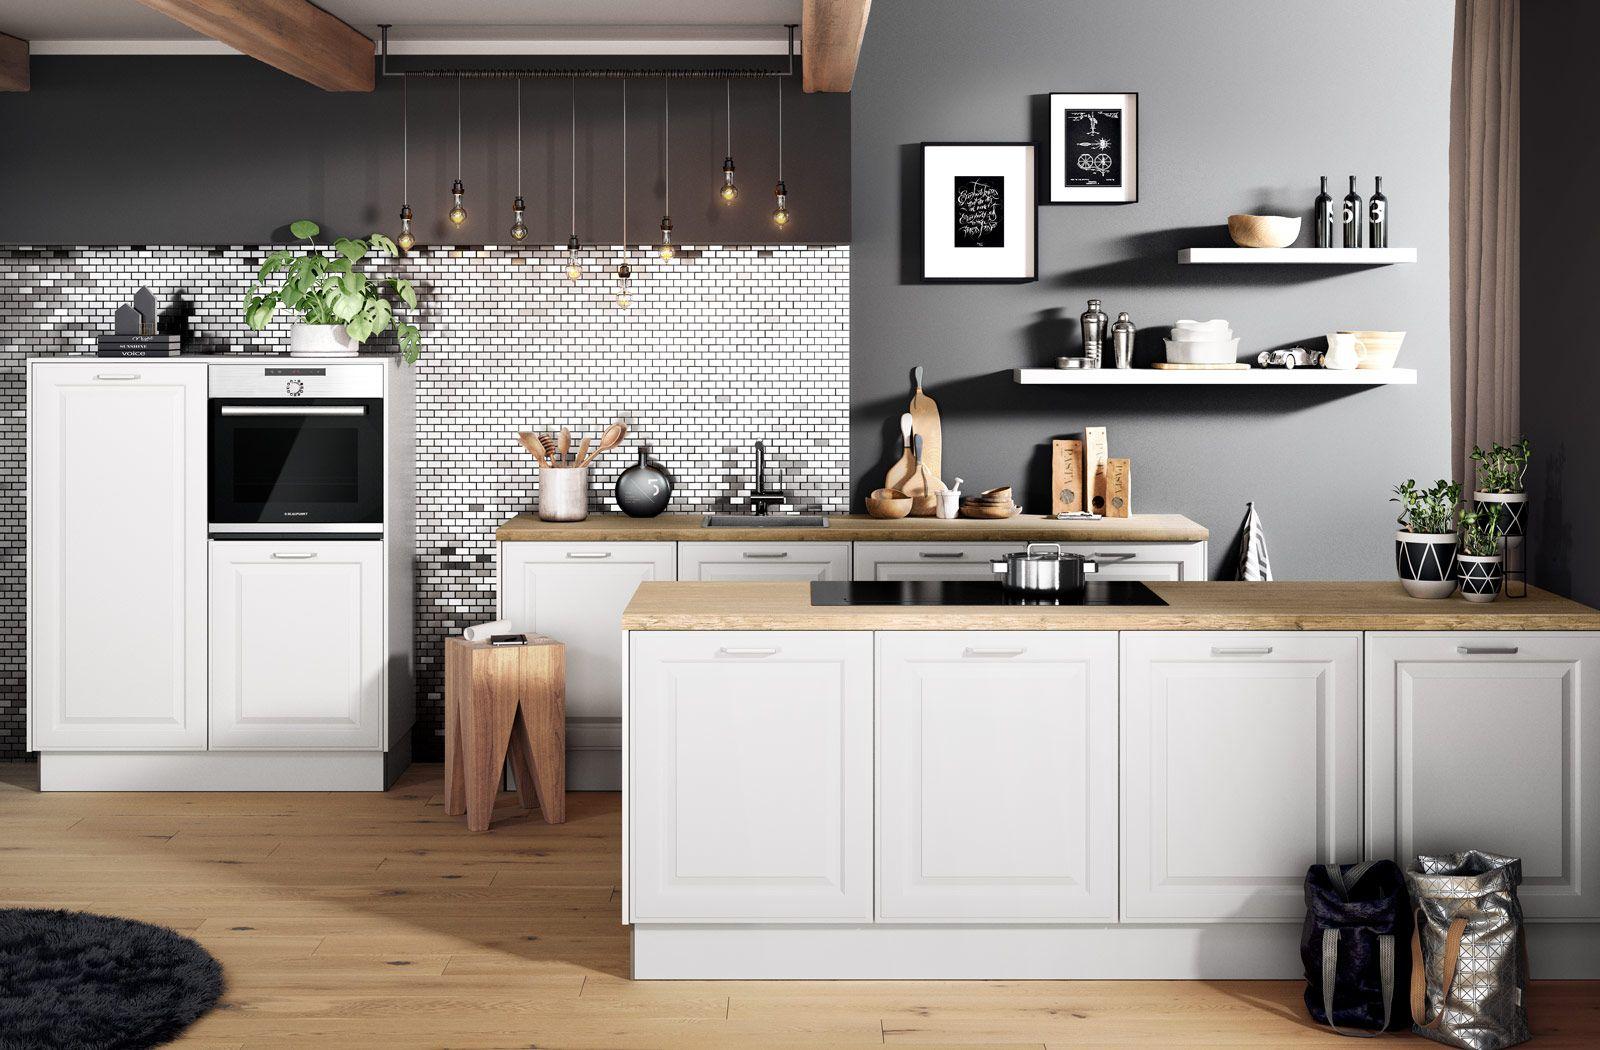 Inhaus Kitchen Brenda Kitchen Kitchendesign Kitchenmodel Kitchenideas Furniture Hacker Kuchen Haus Kuchen Und Kuche Landhaus Modern